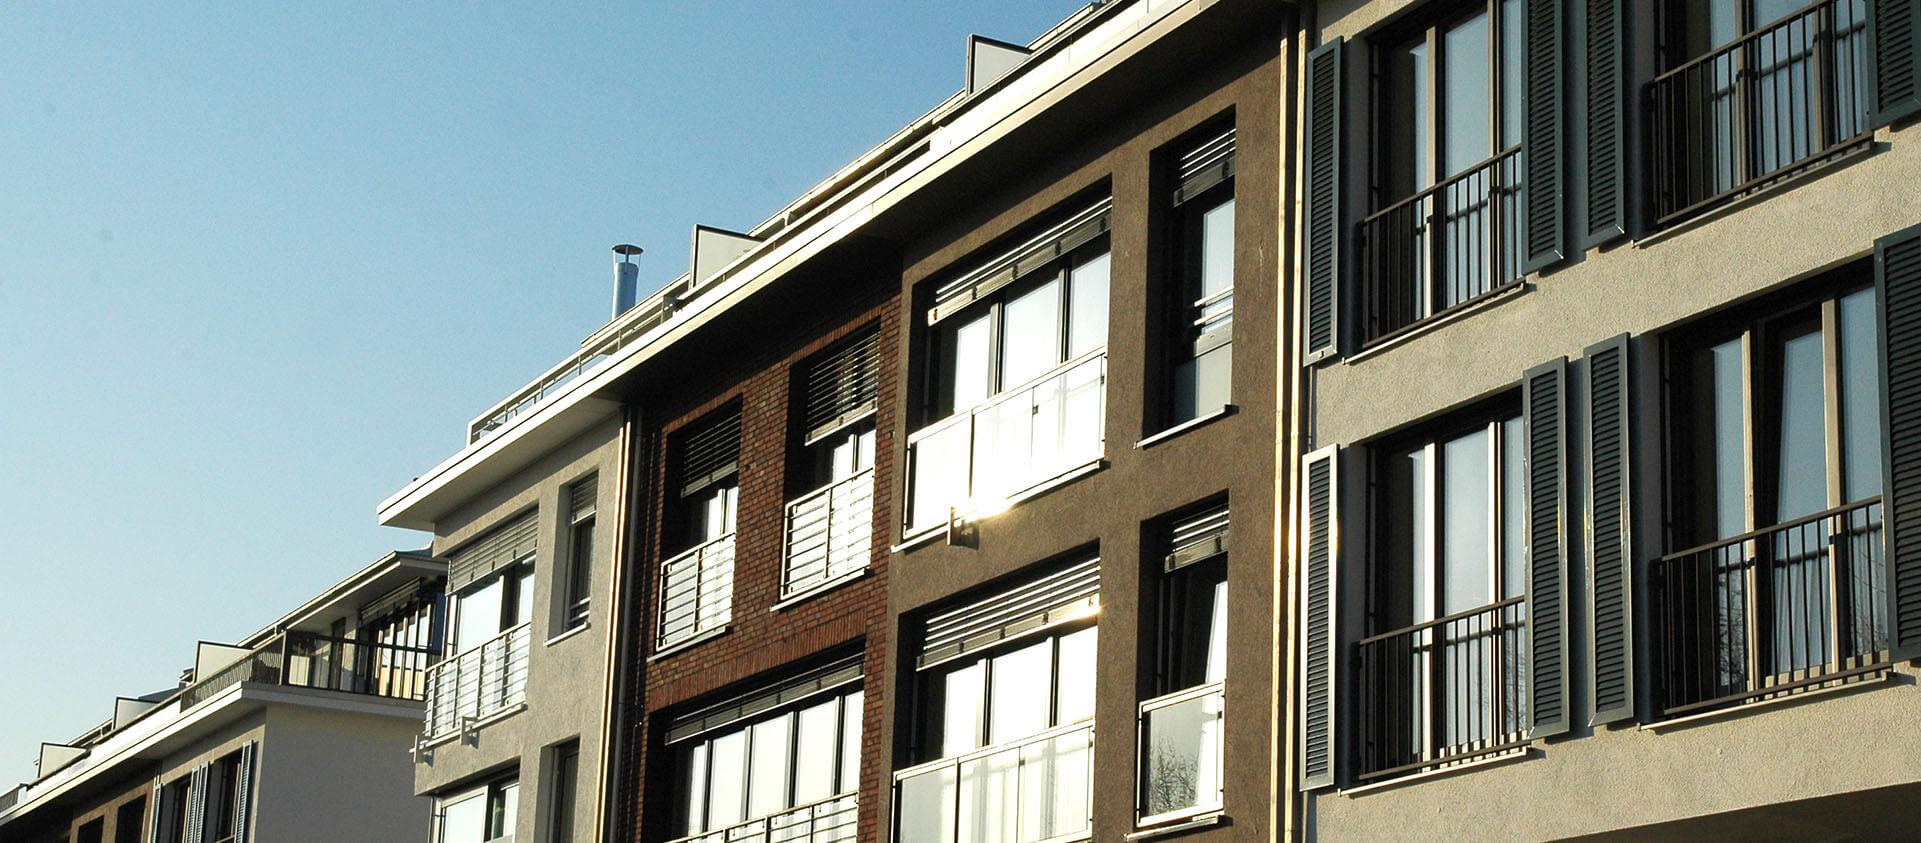 Einige der 20 Townhäuser in Bad Soden a. Ts.. Architektur Eberhard Horn Designgruppe